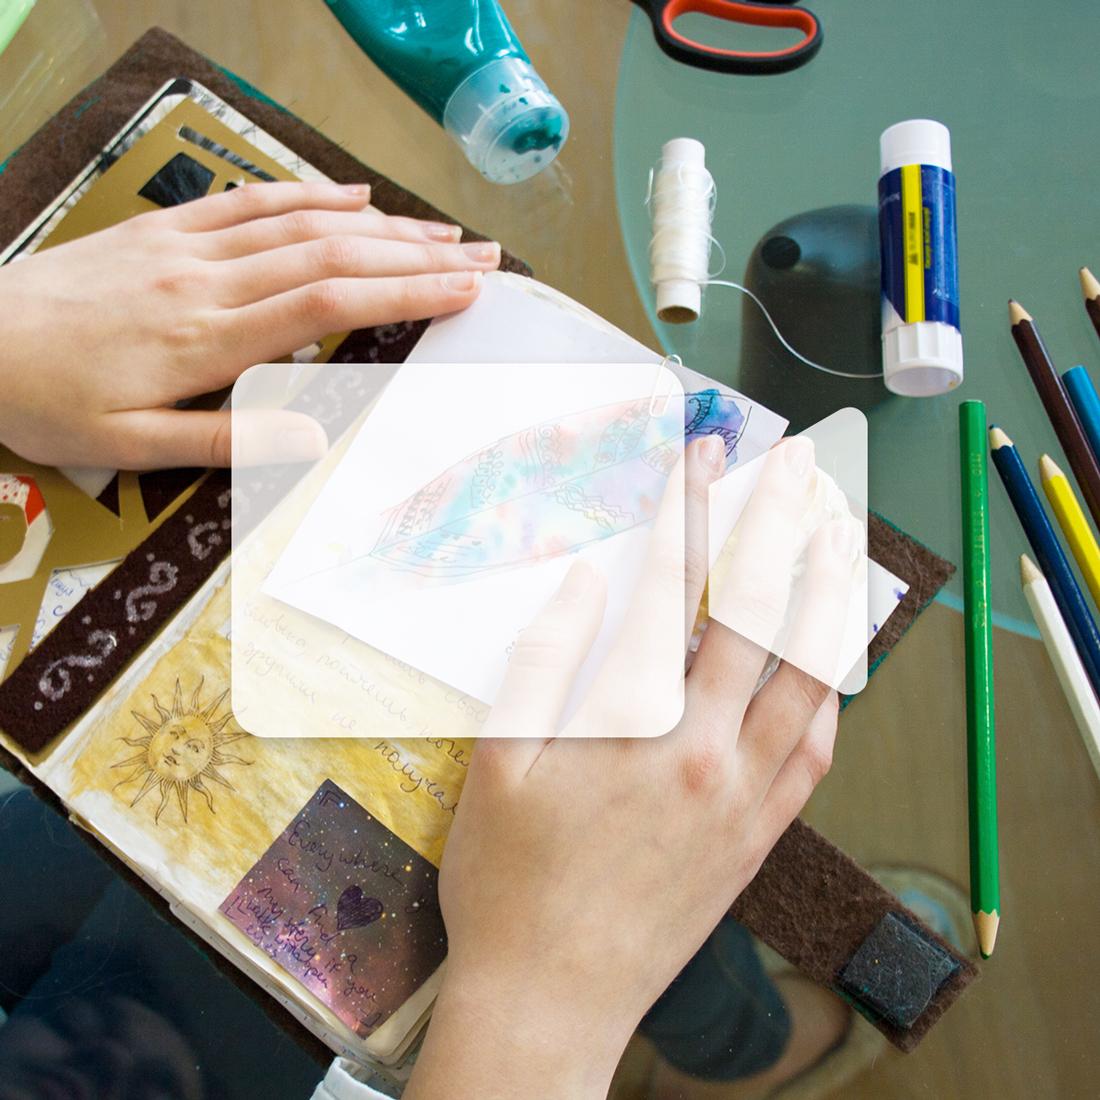 En ligne - Initiation au journal créatif